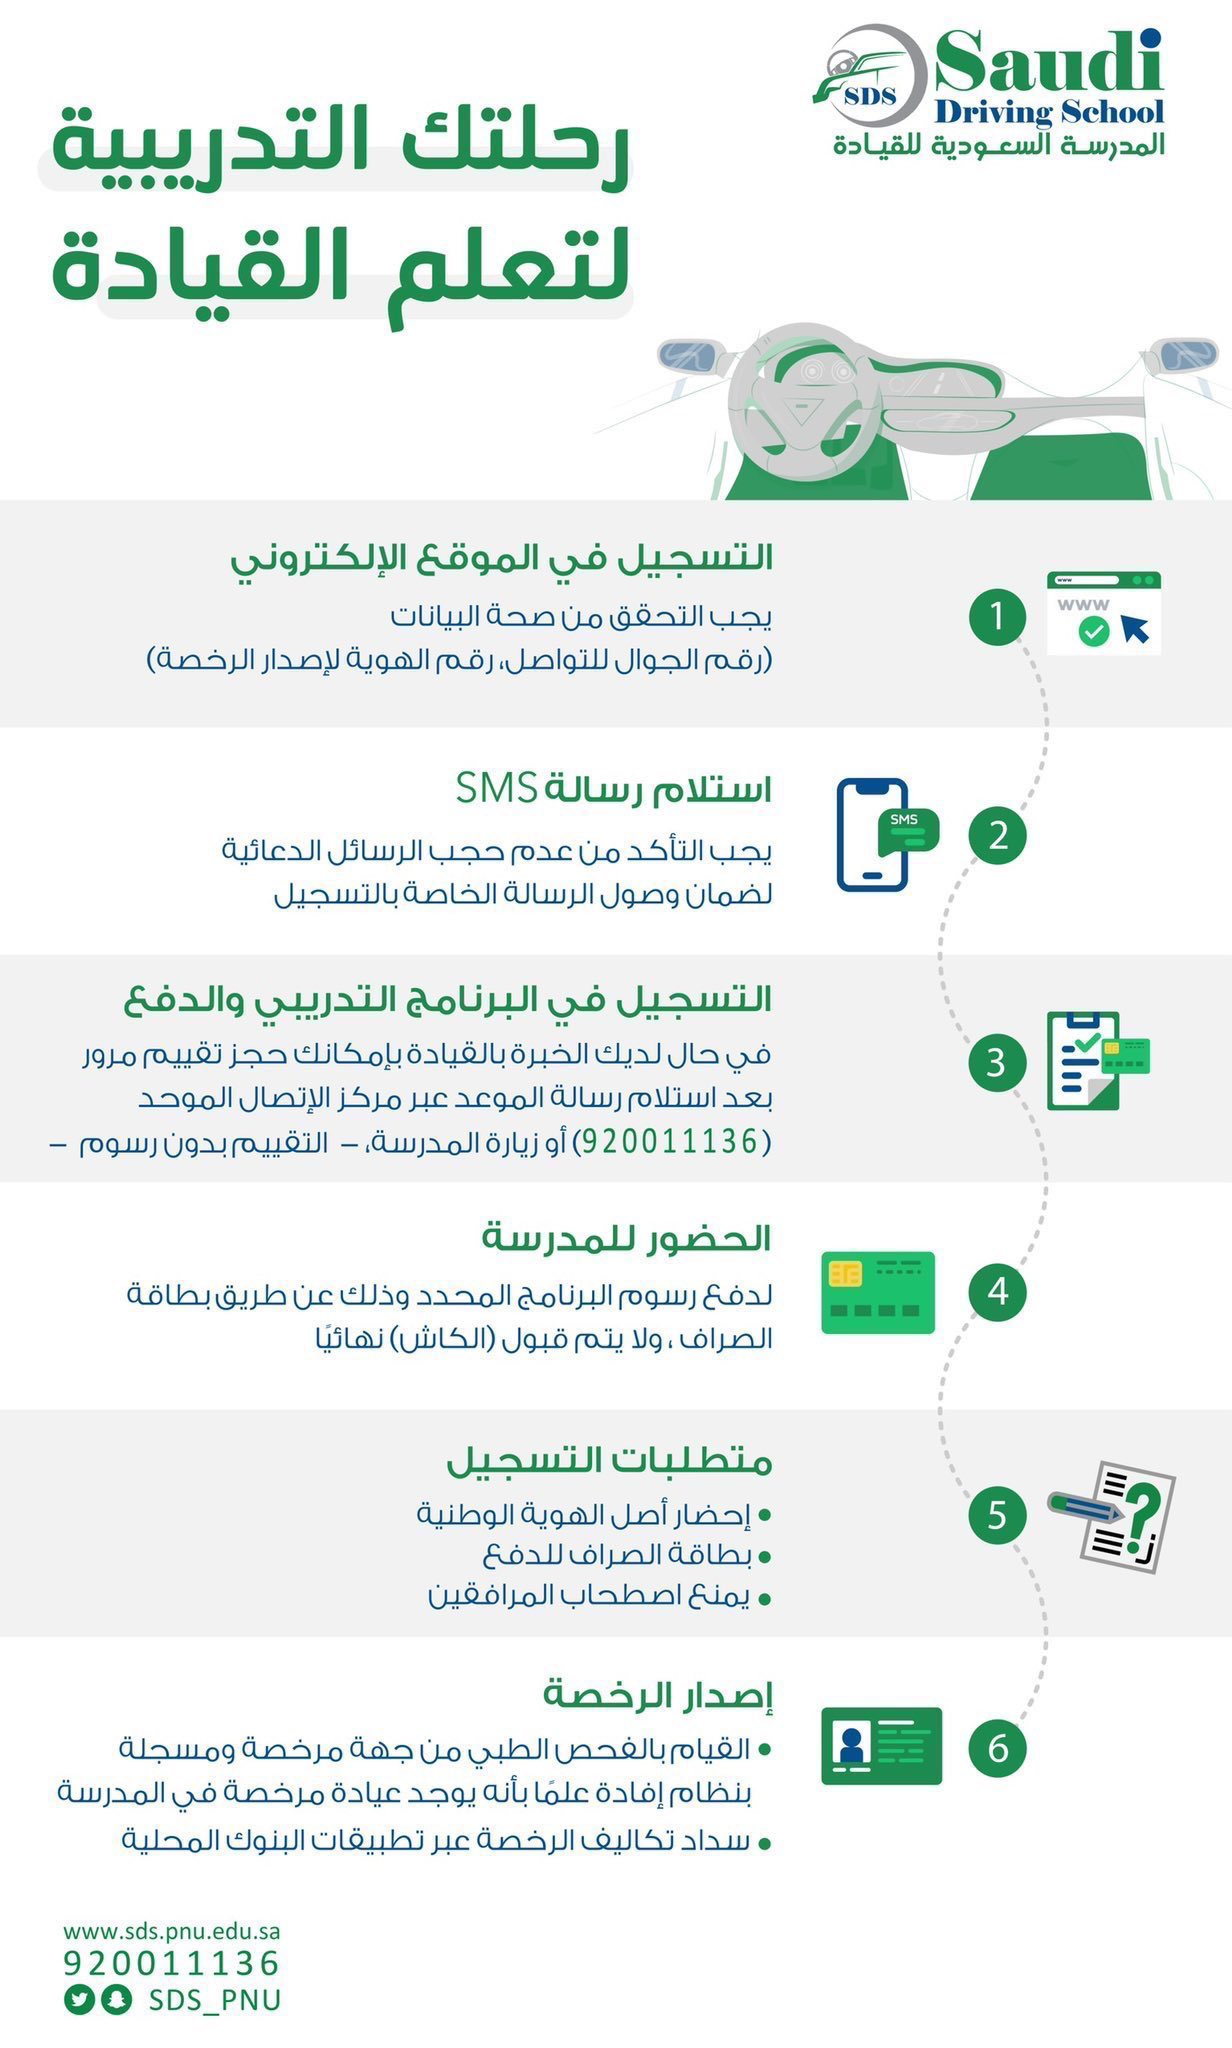 المدرسة السعودية للقيادة تحدد 3 برامج لتعليم القيادة حسب الخبرة السيارات الموقع العربي الأول للسيارات